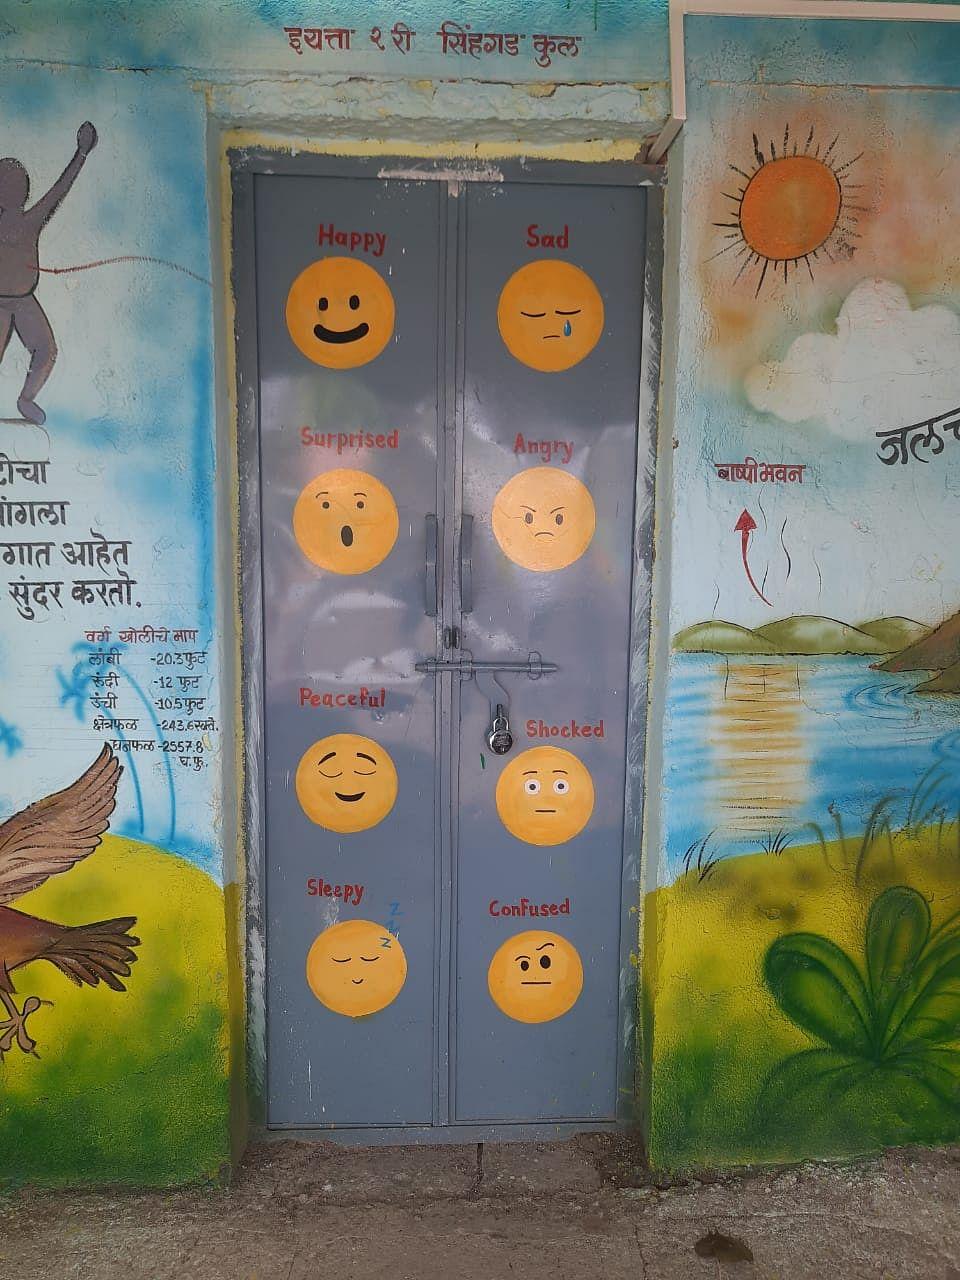 Different moods painted on door